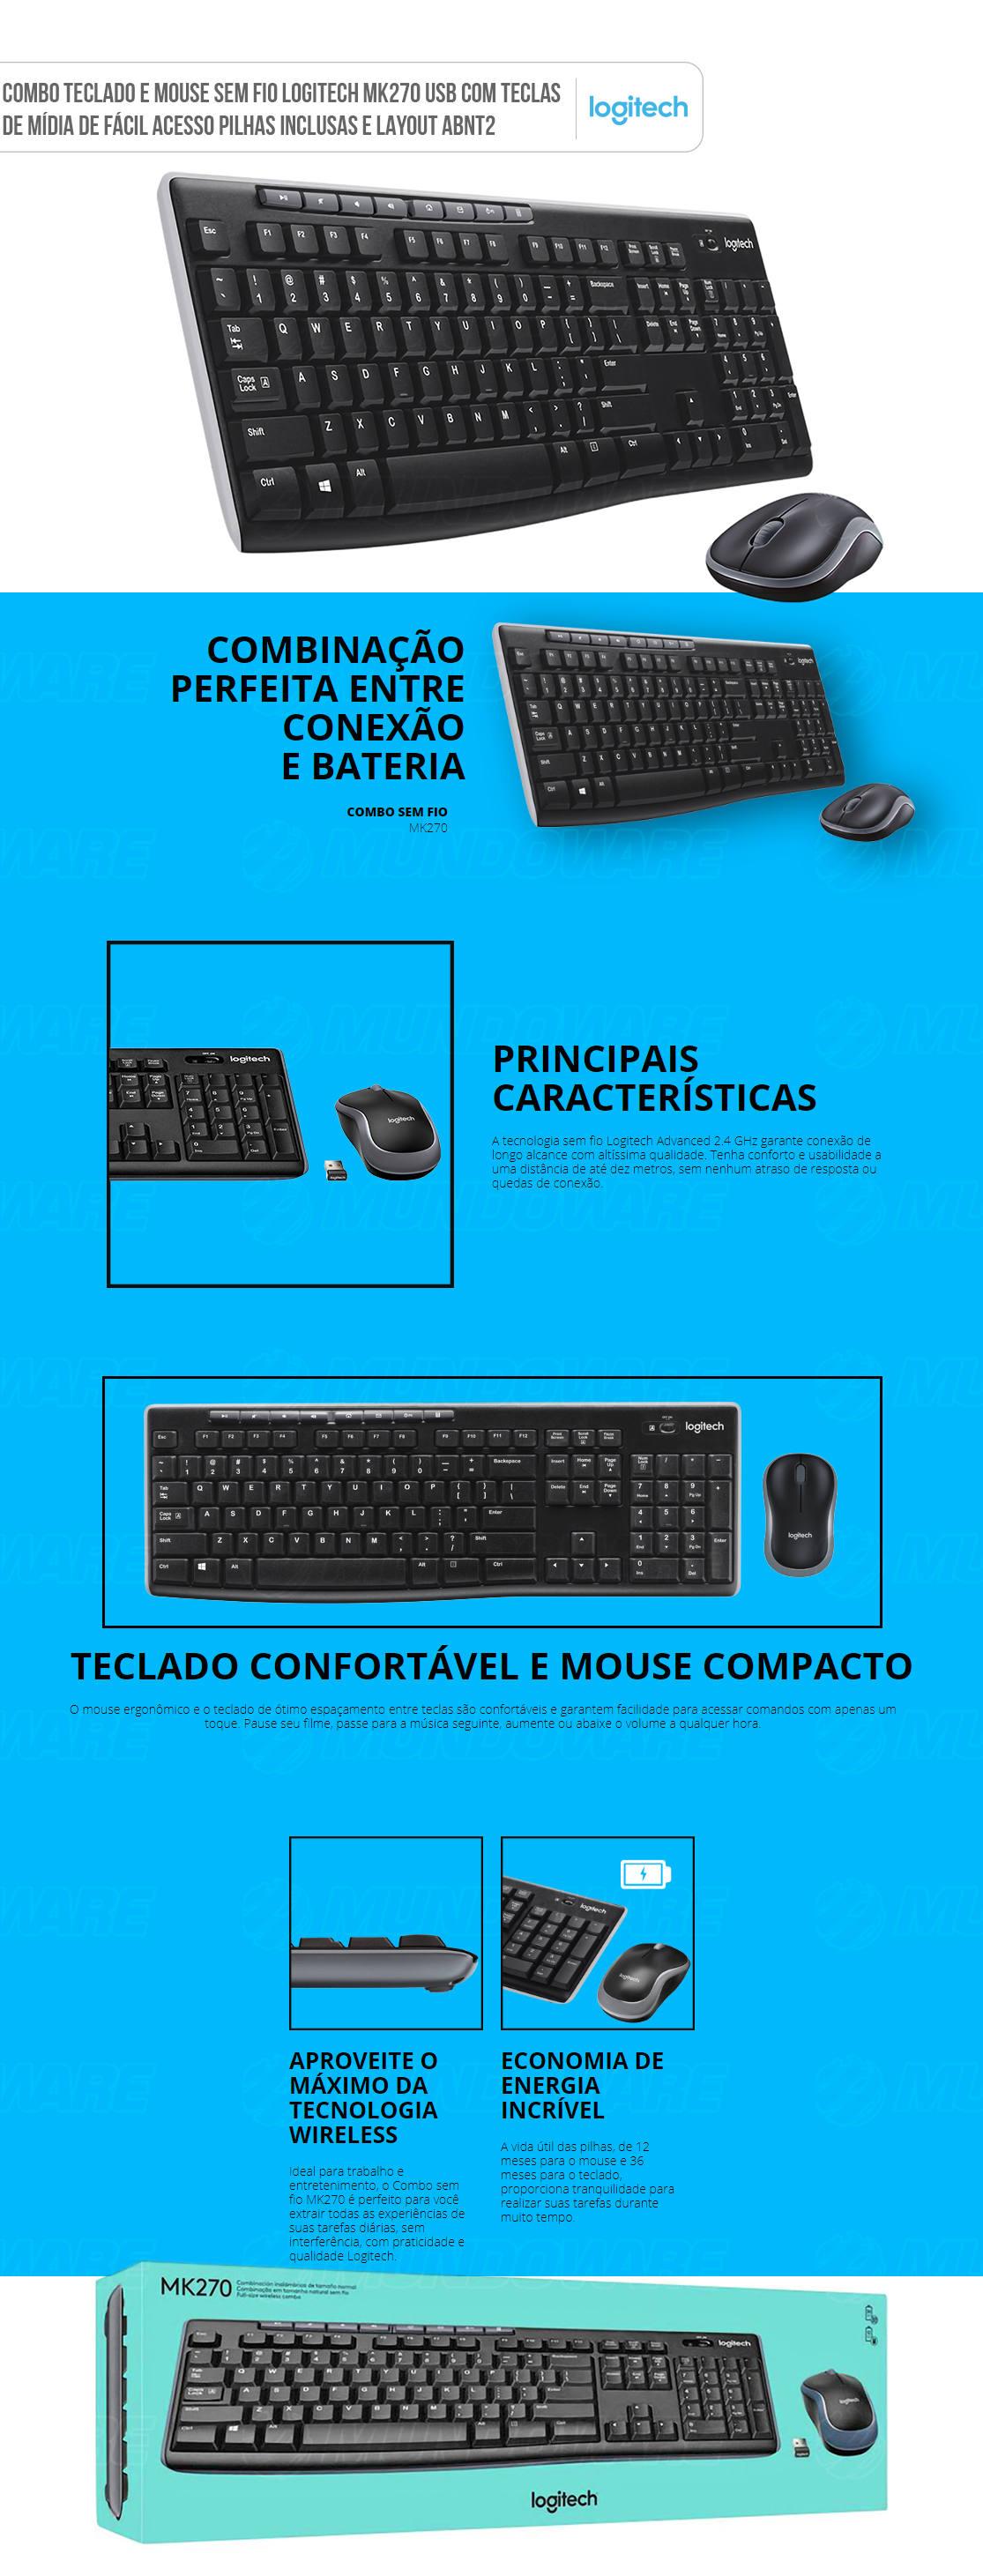 Teclado e Mouse Sem Fio Logitech MK270 Wireless Com Teclas de Acesso Pilhas Inclusas Layout ABNT2 920-004433